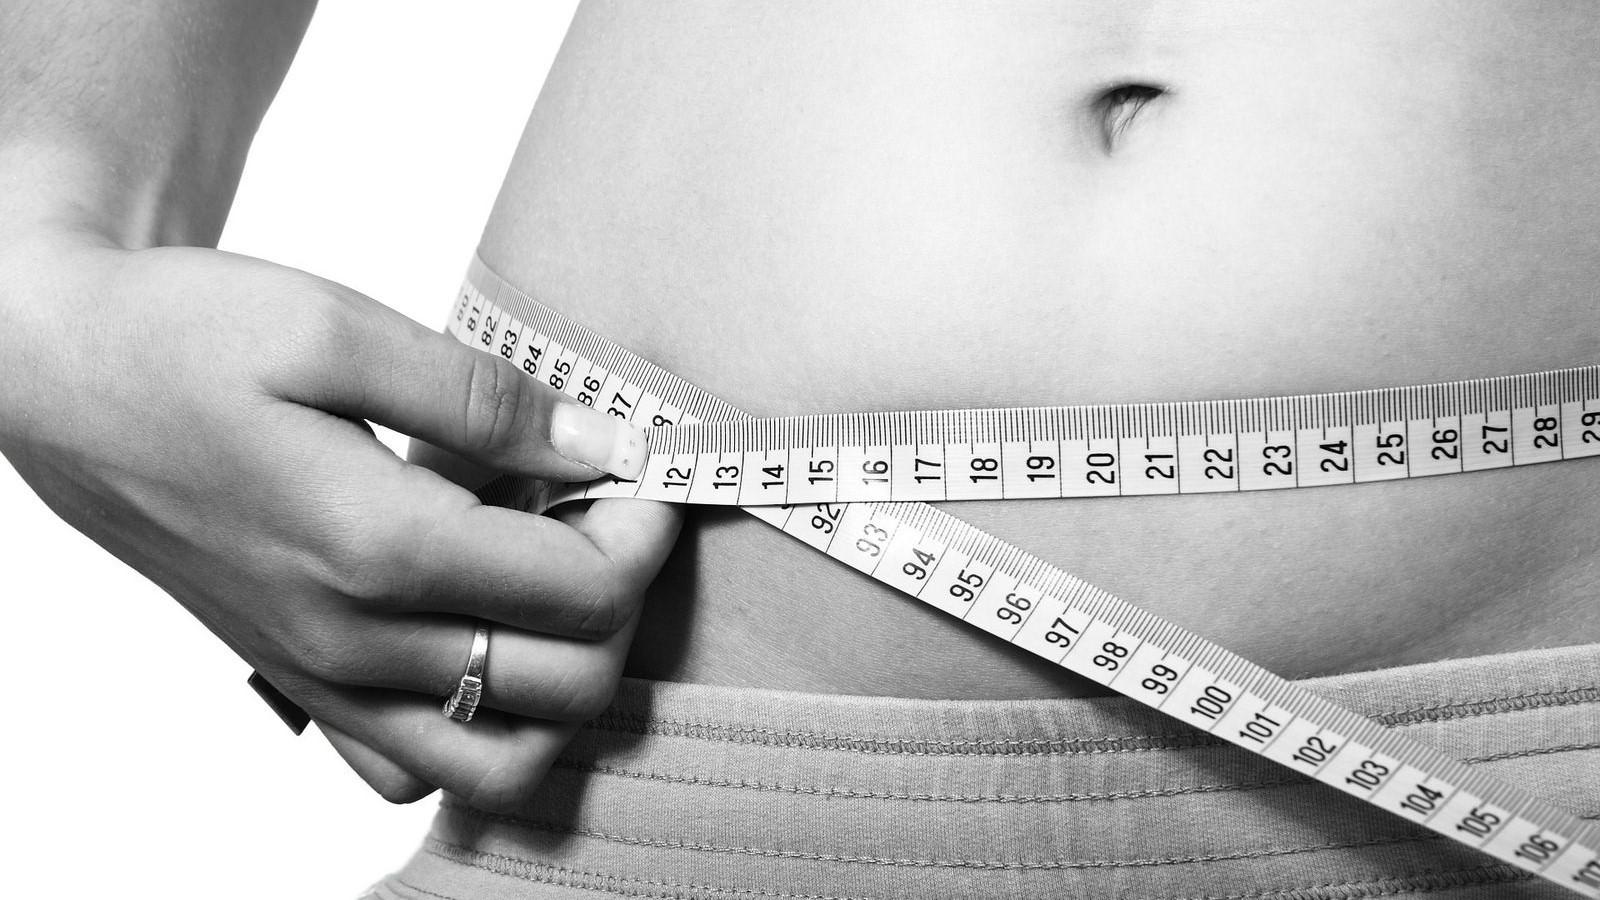 gc- 1 arzător de grăsimi cum să ne pierdem în greutate acasă